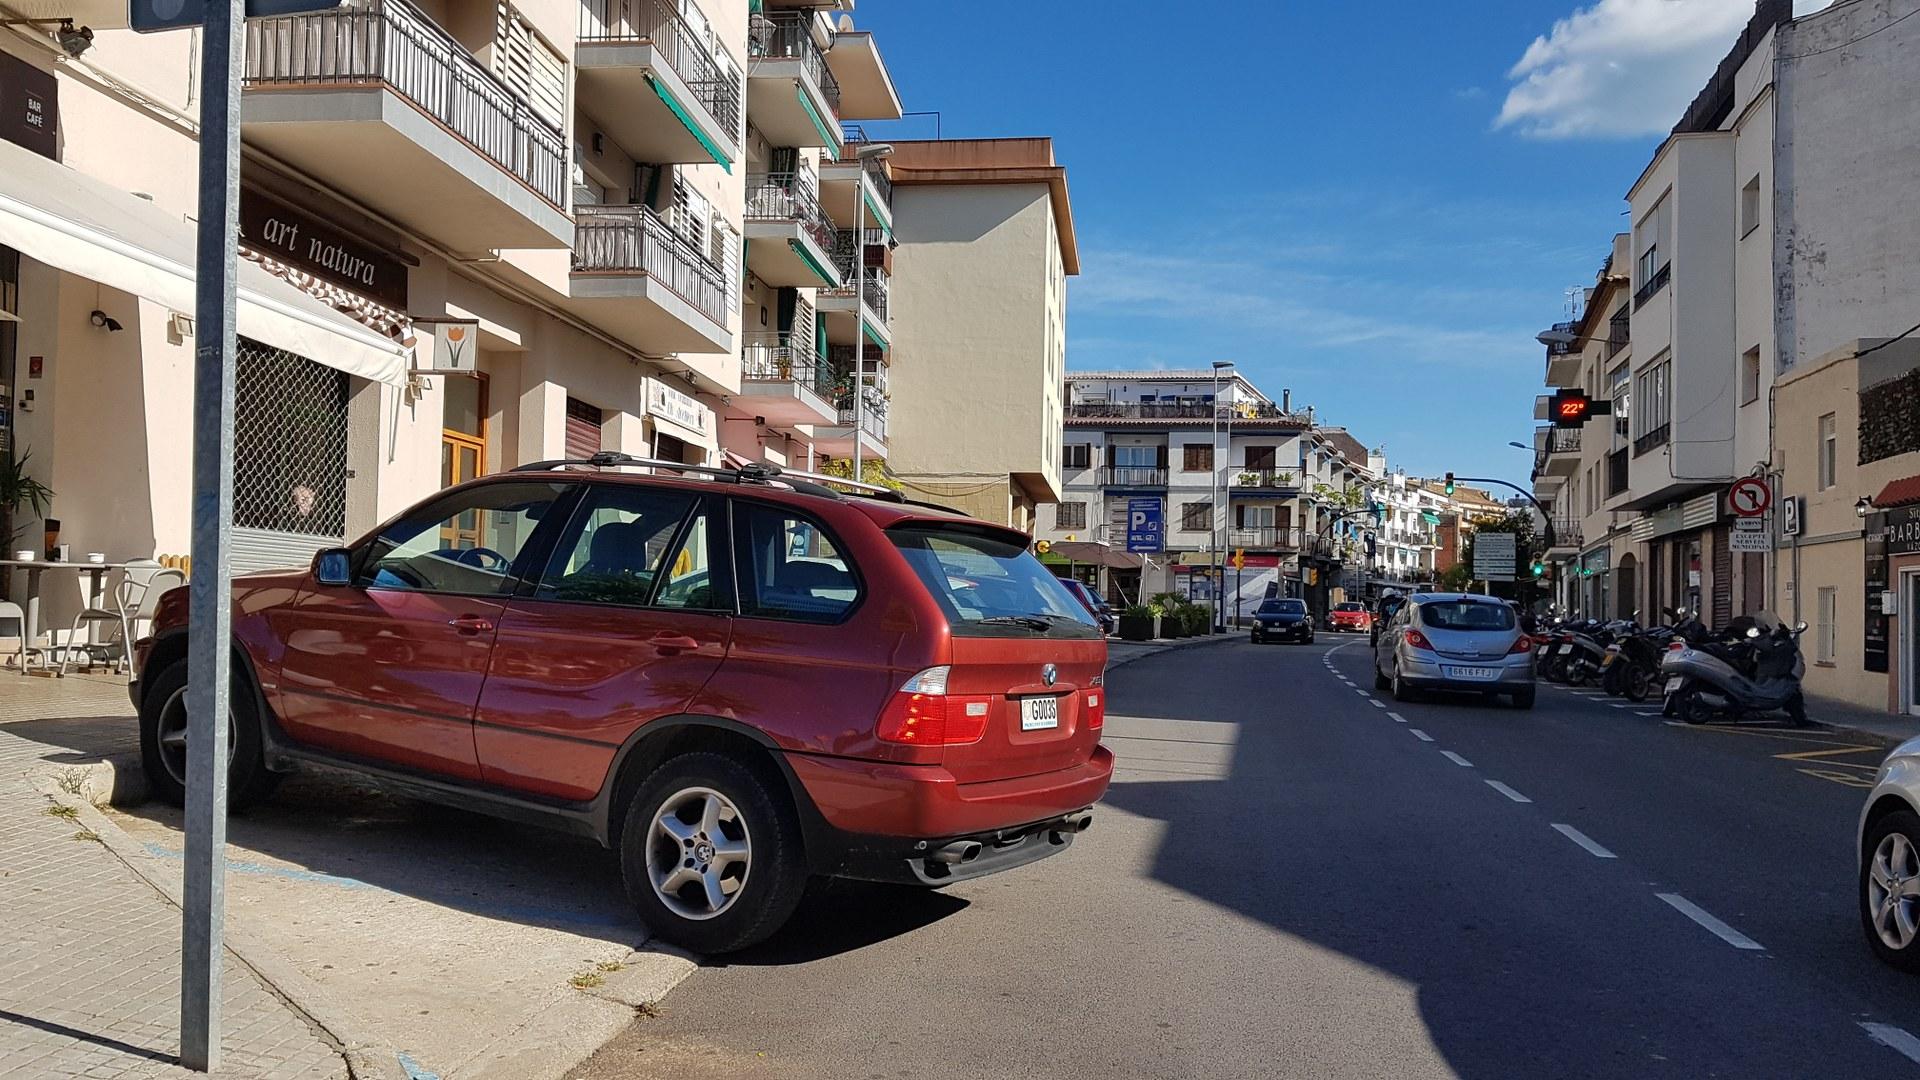 L'actual aparcament provoca problemes en la mobilitat